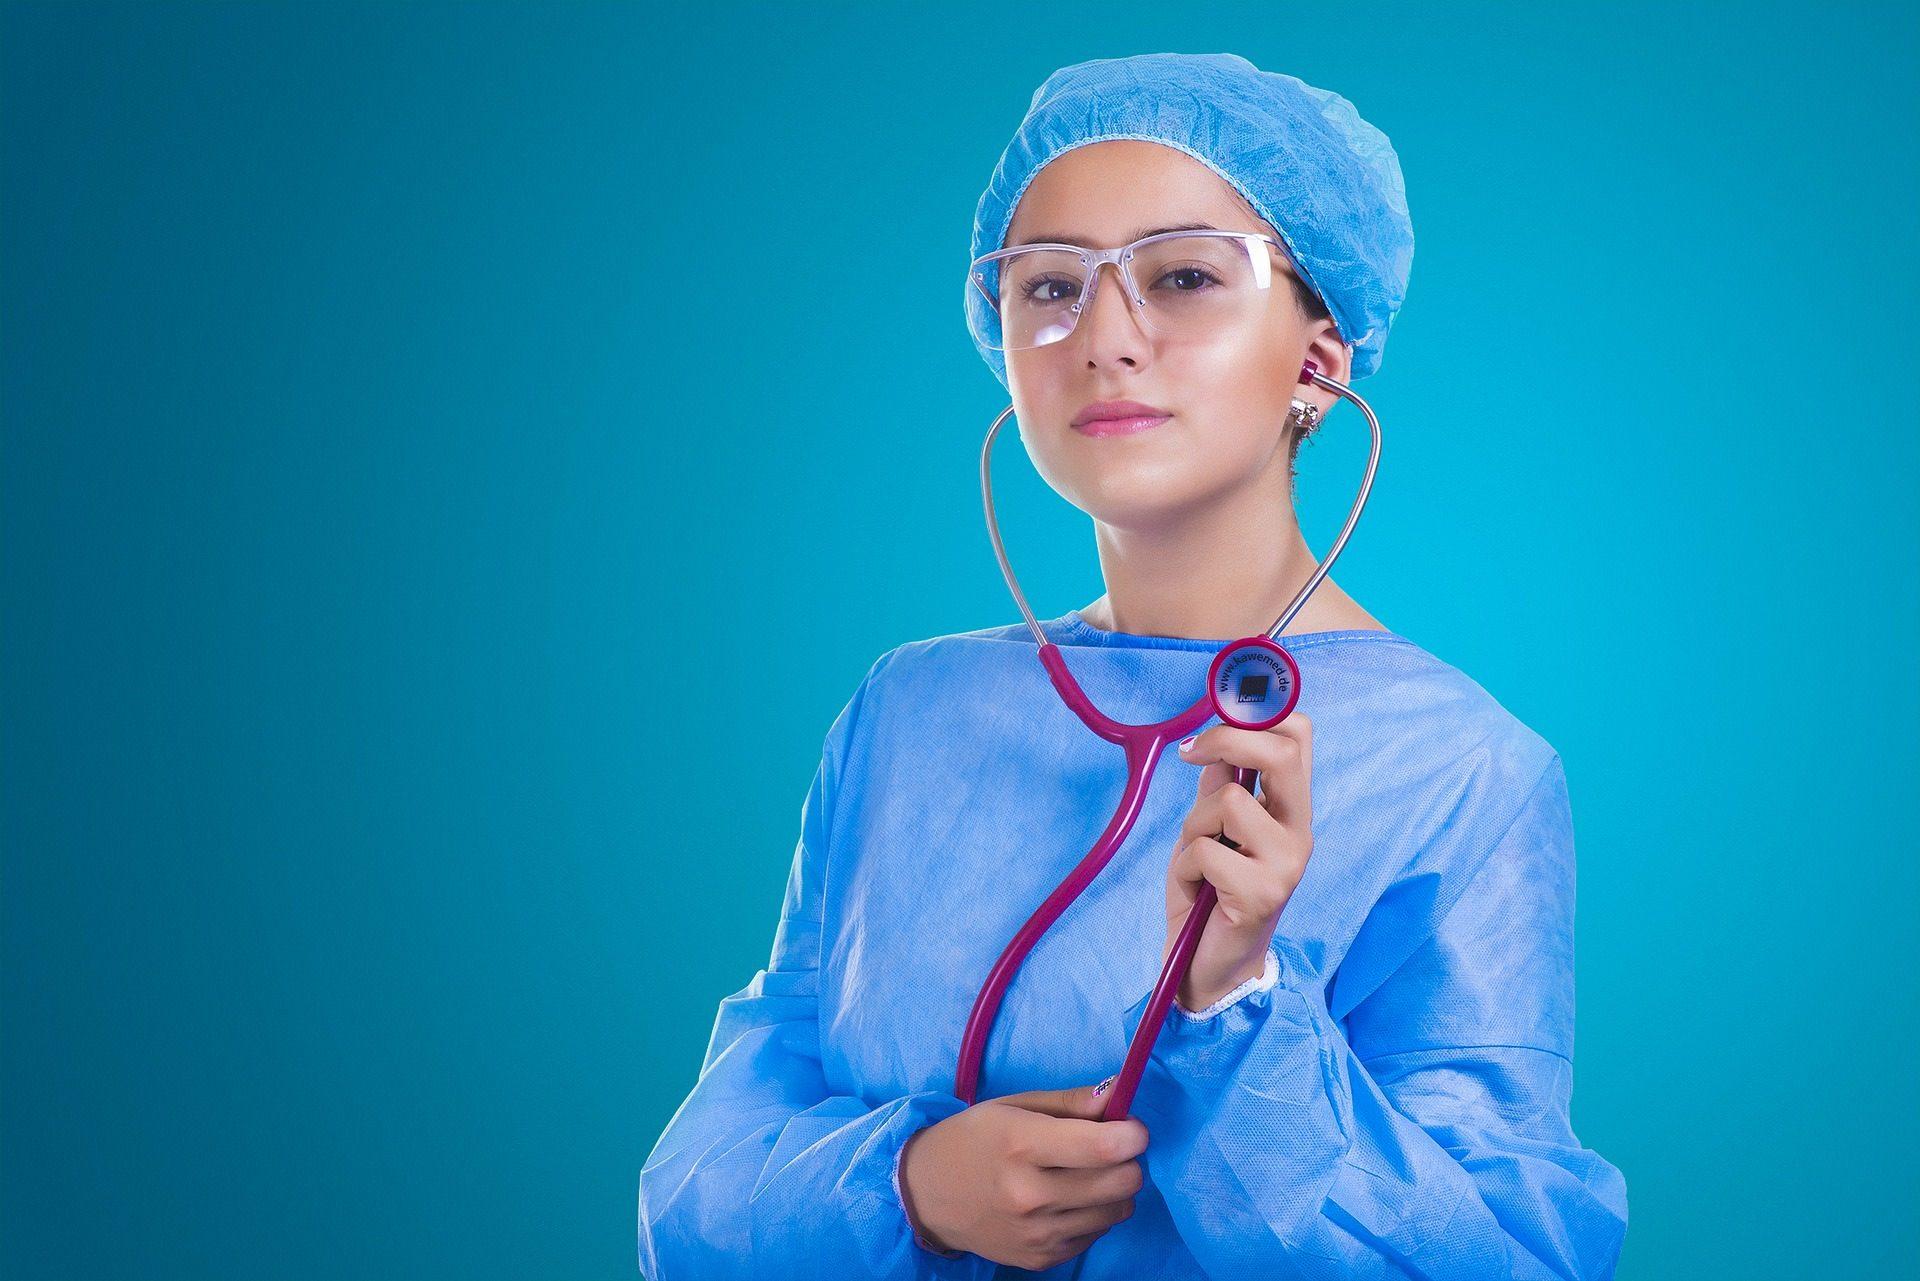 Nazwy zawodów w opiece zdrowotnej po niemiecku.